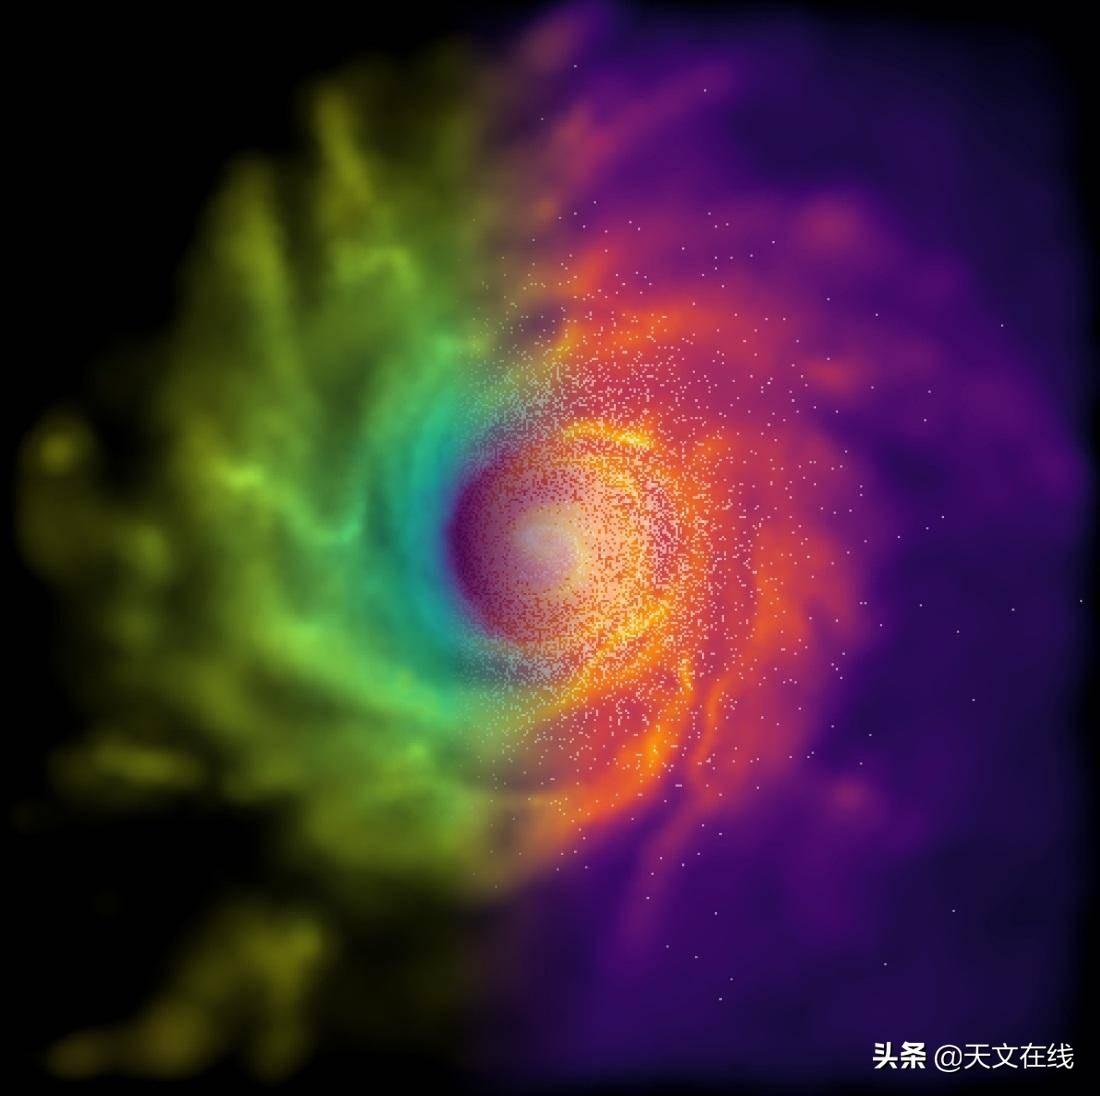 研究表明,具有自毁性的暗物质或许正发出伽马射线充斥天空